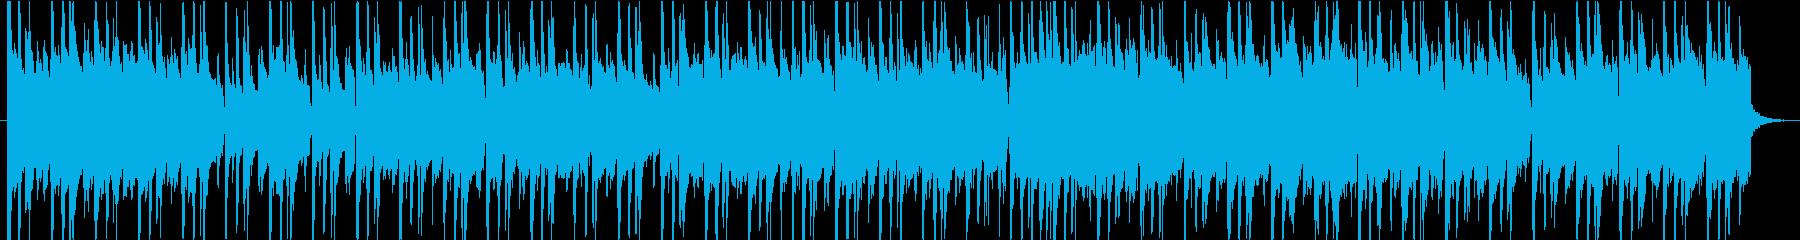 夜に合う大人のジャジーなピアノジングルの再生済みの波形